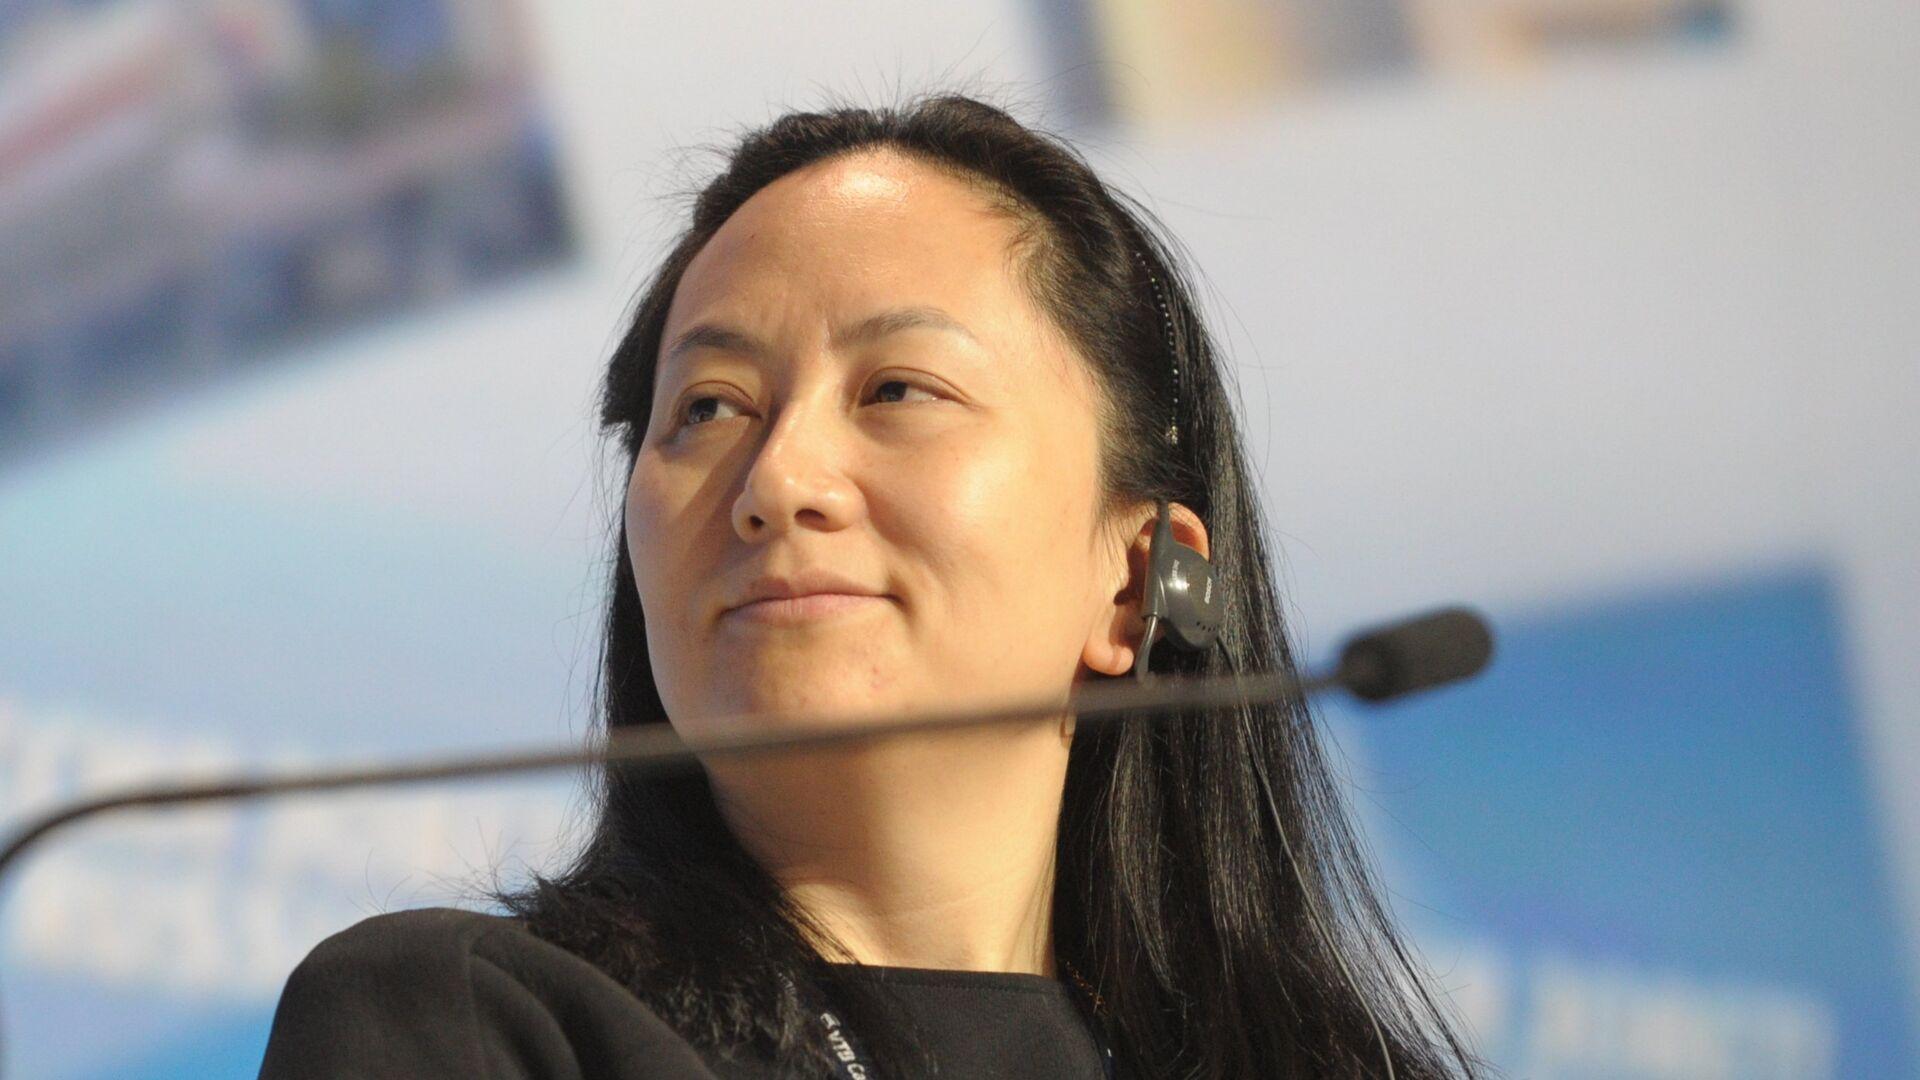 Meng Wanzhou, directora financiera de la comañía de telecomunicaciones Huawei - Sputnik Mundo, 1920, 25.09.2021